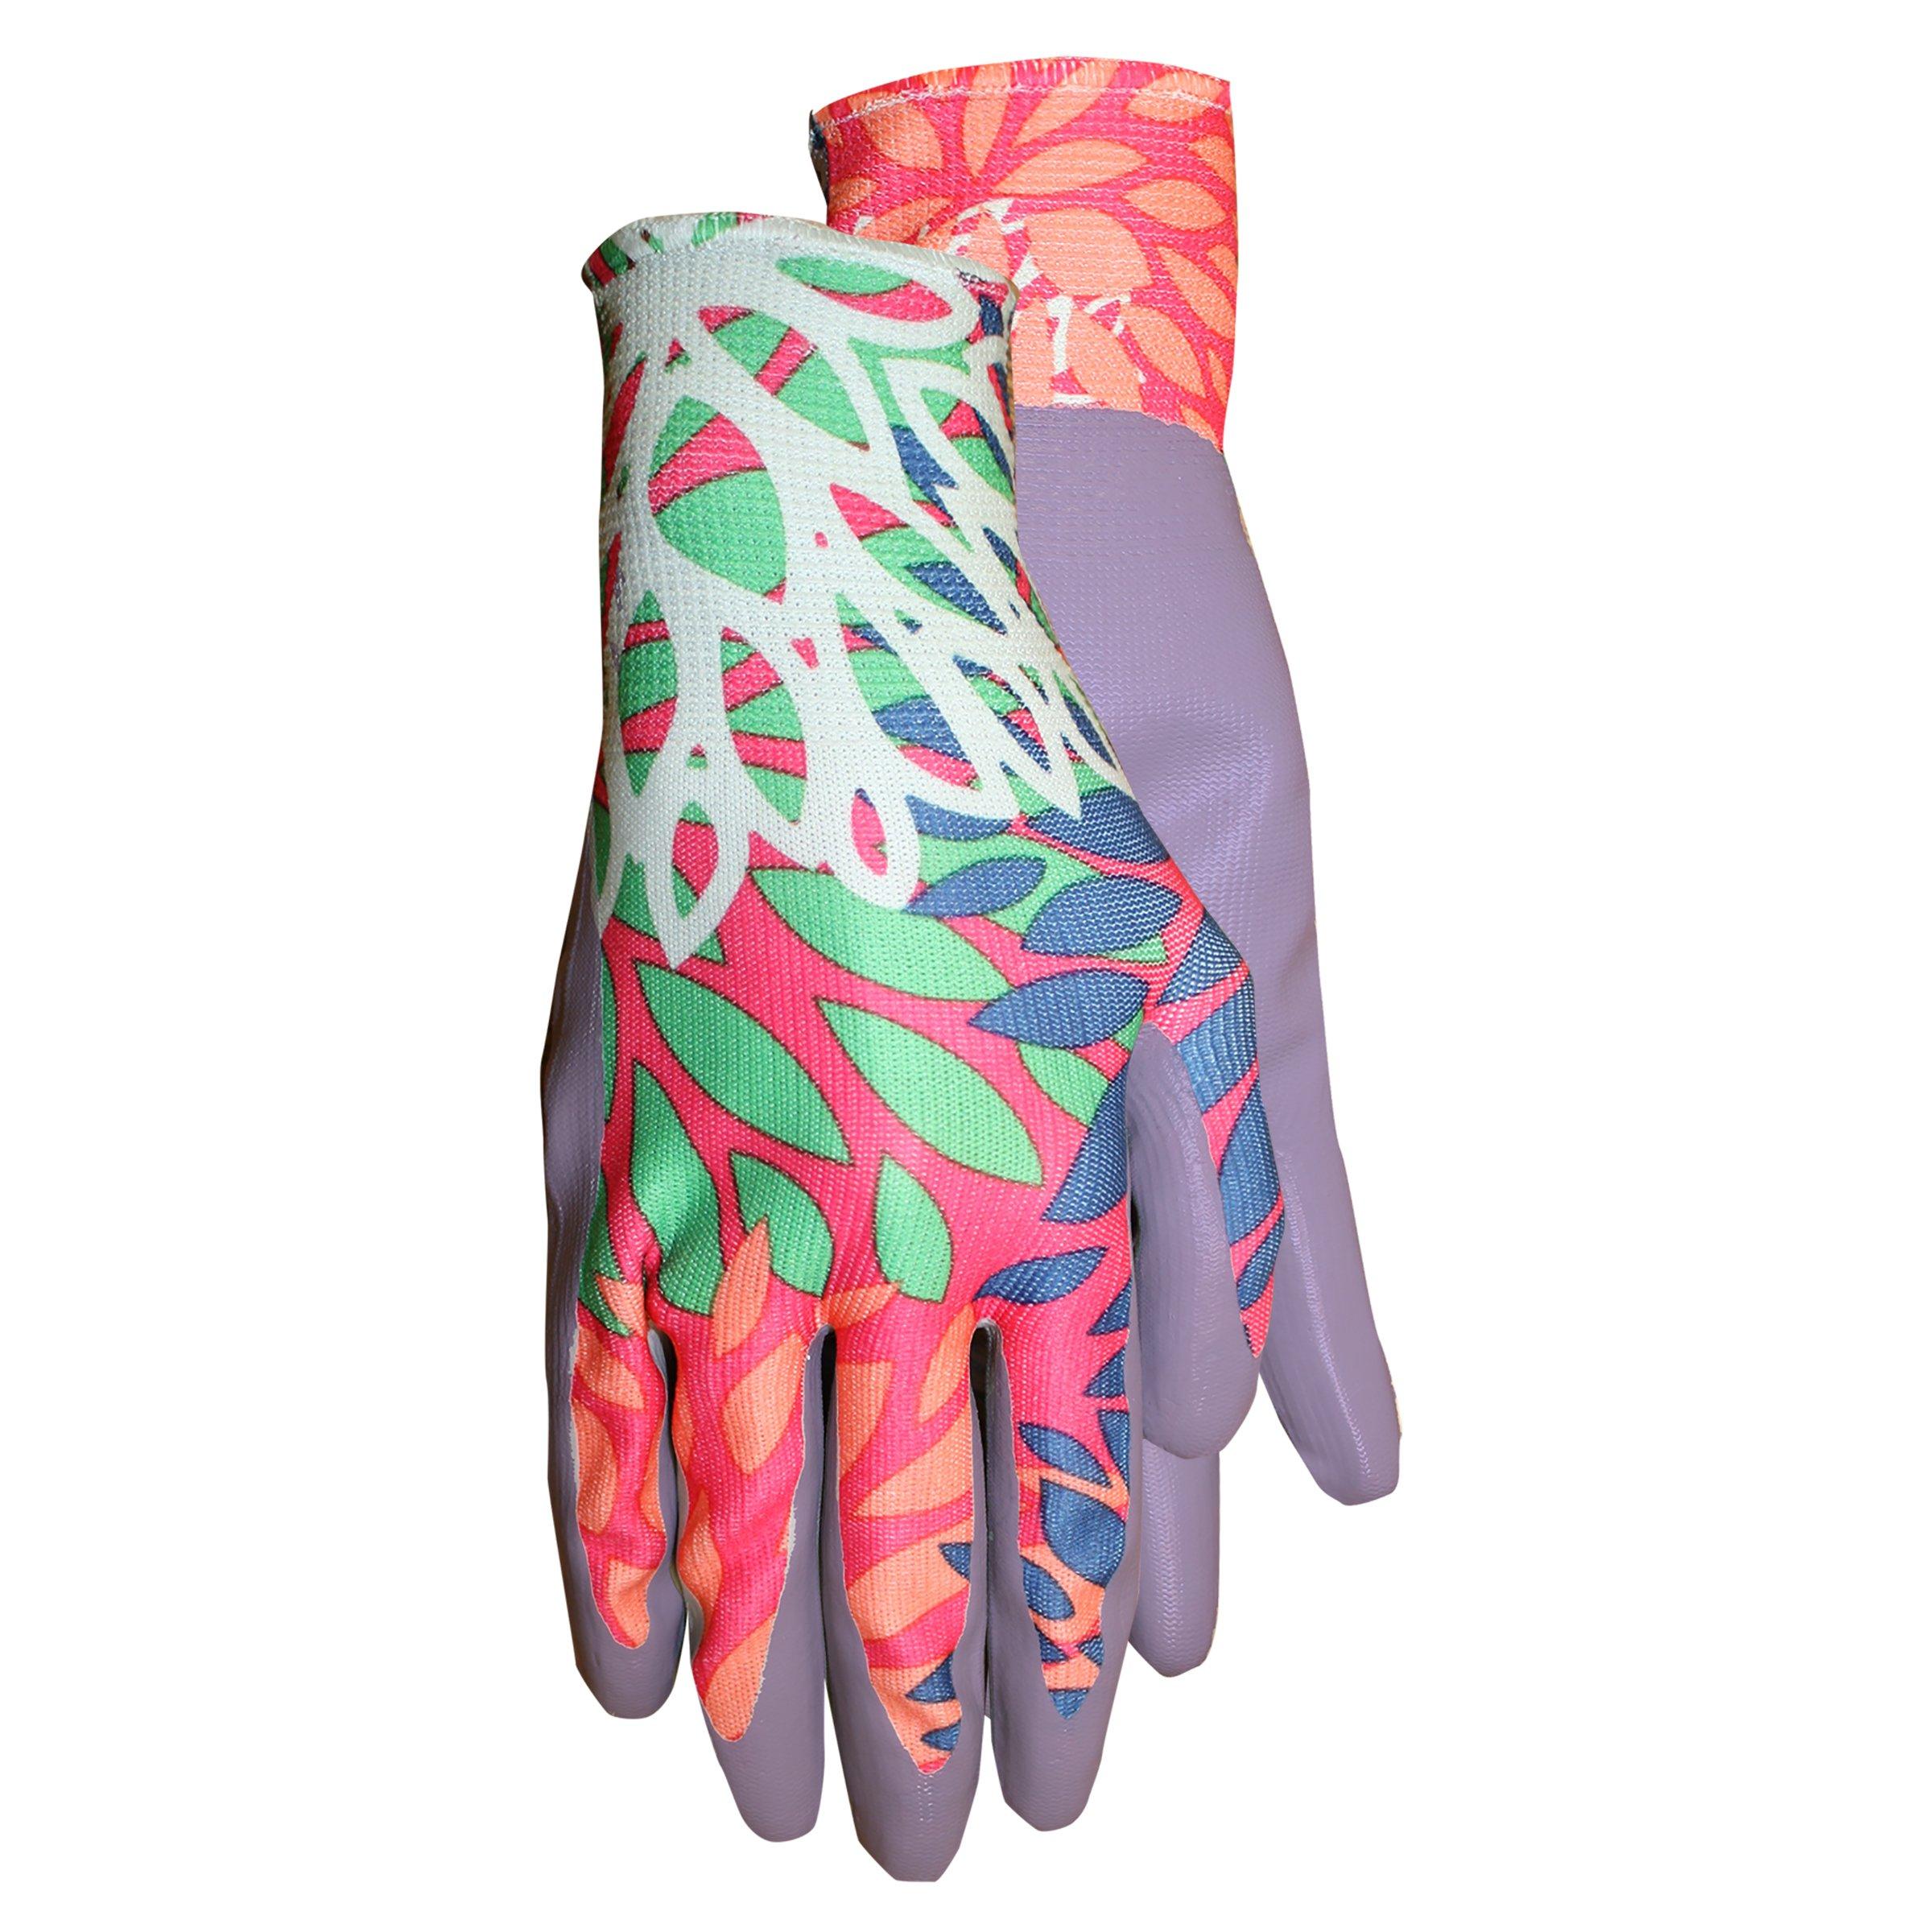 MidWest Gloves 66F6-M-AZ-1 Ladies Garden Gripper Glove (72 Pair Pack), Medium, Assorted by Midwest Gloves & Gear